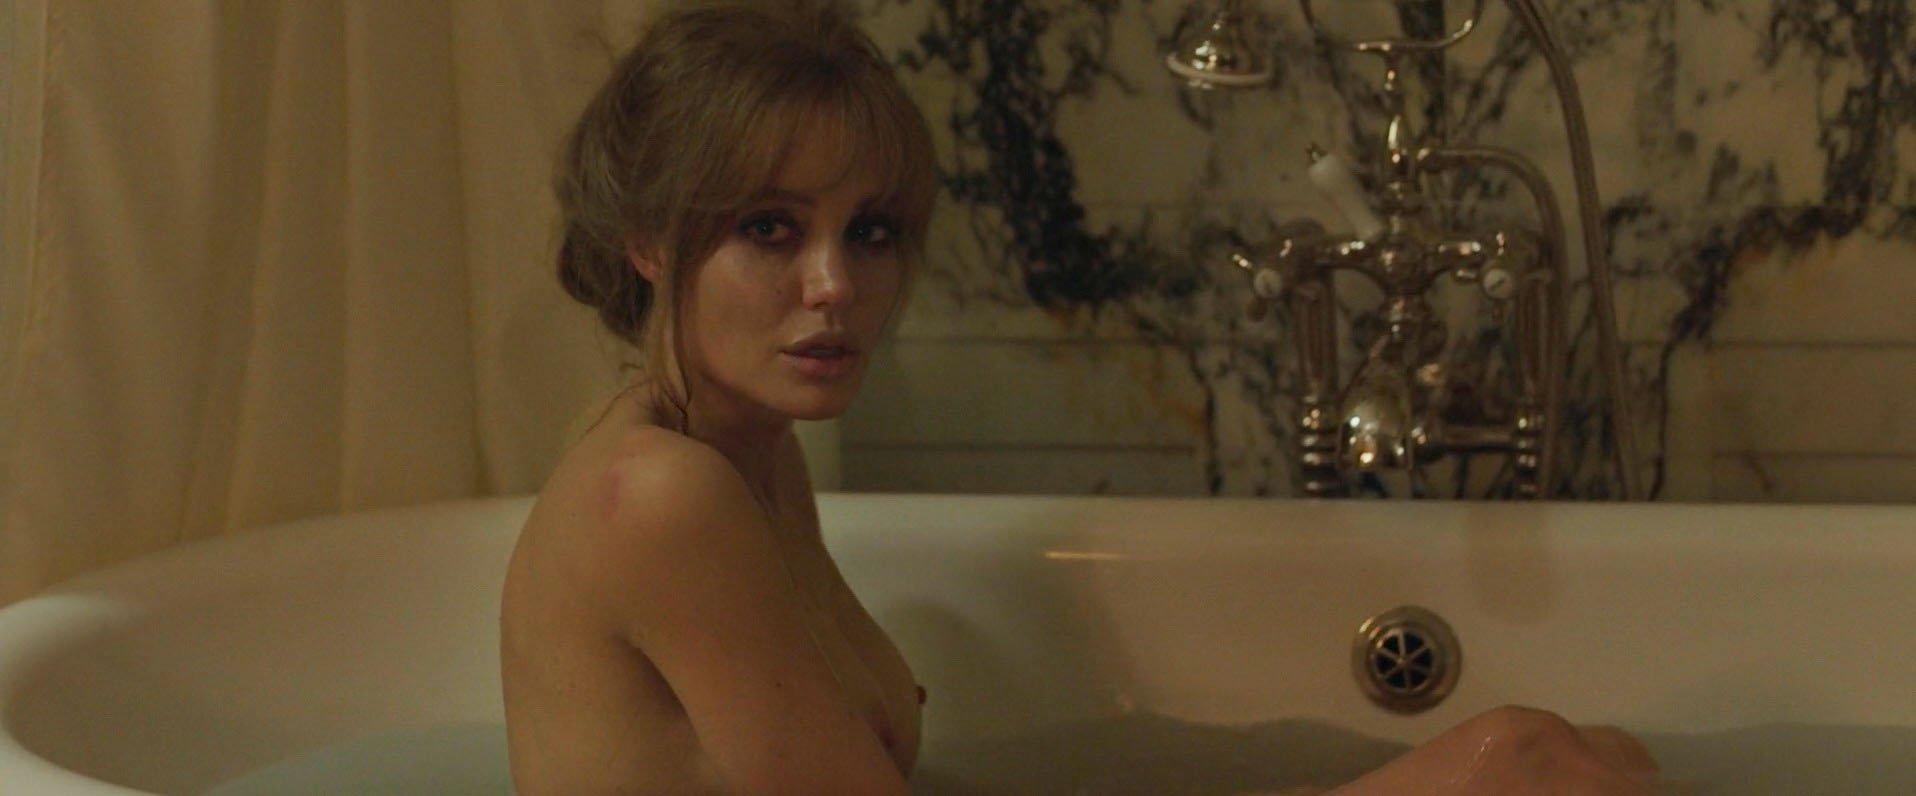 Angelina jolie gia sex scene hot model fukers